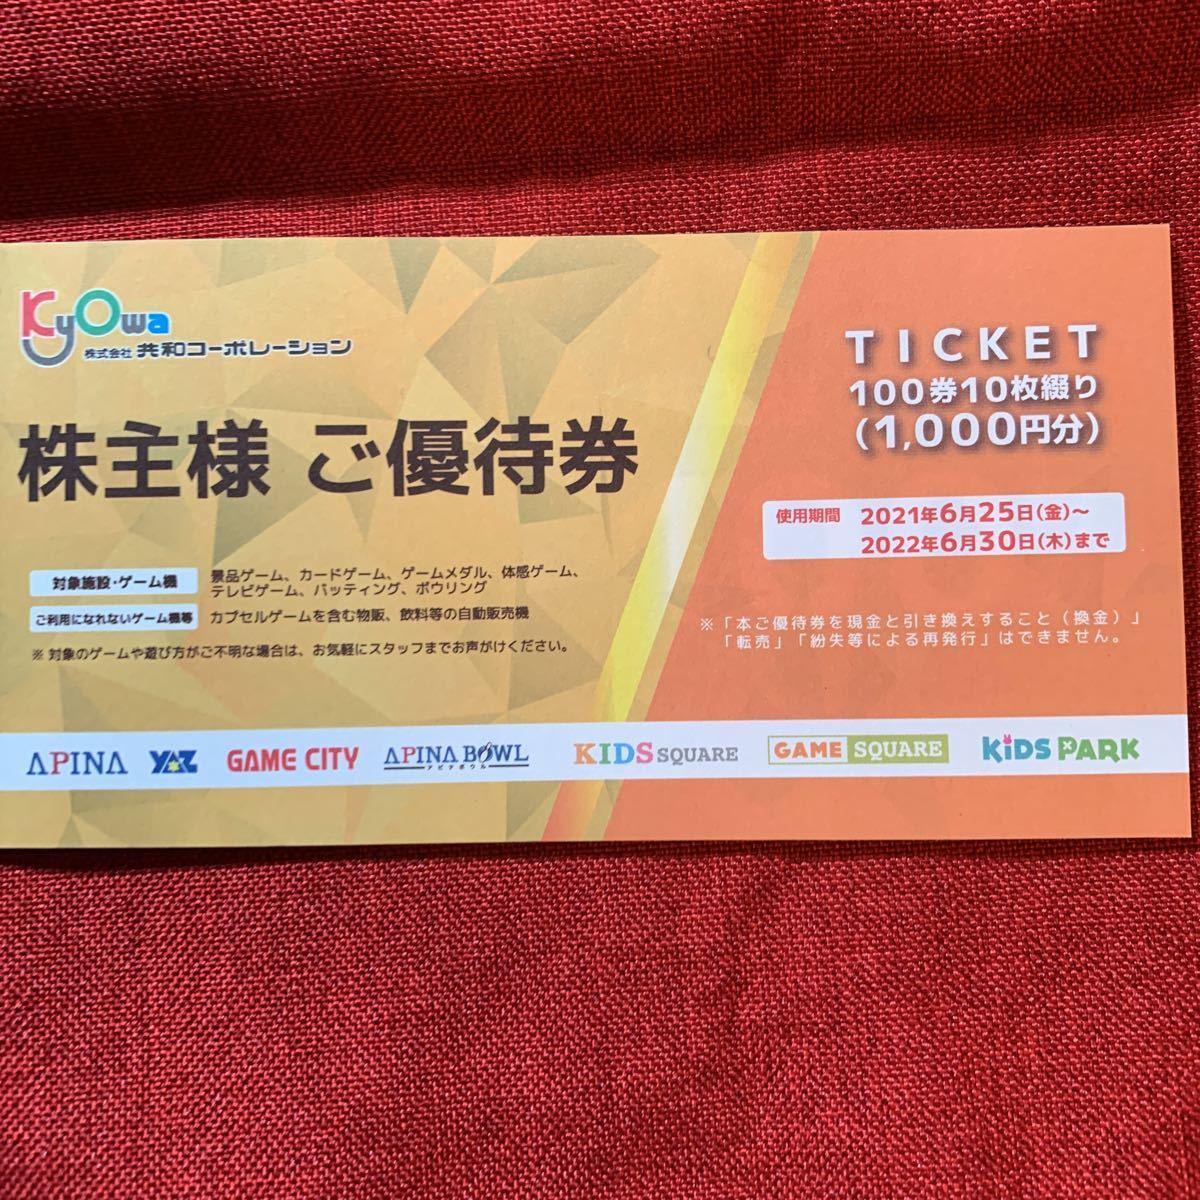 送料無料共和コーポレーション株主優待券100円×10枚 20220630 アピナ ゲームシティ_画像1